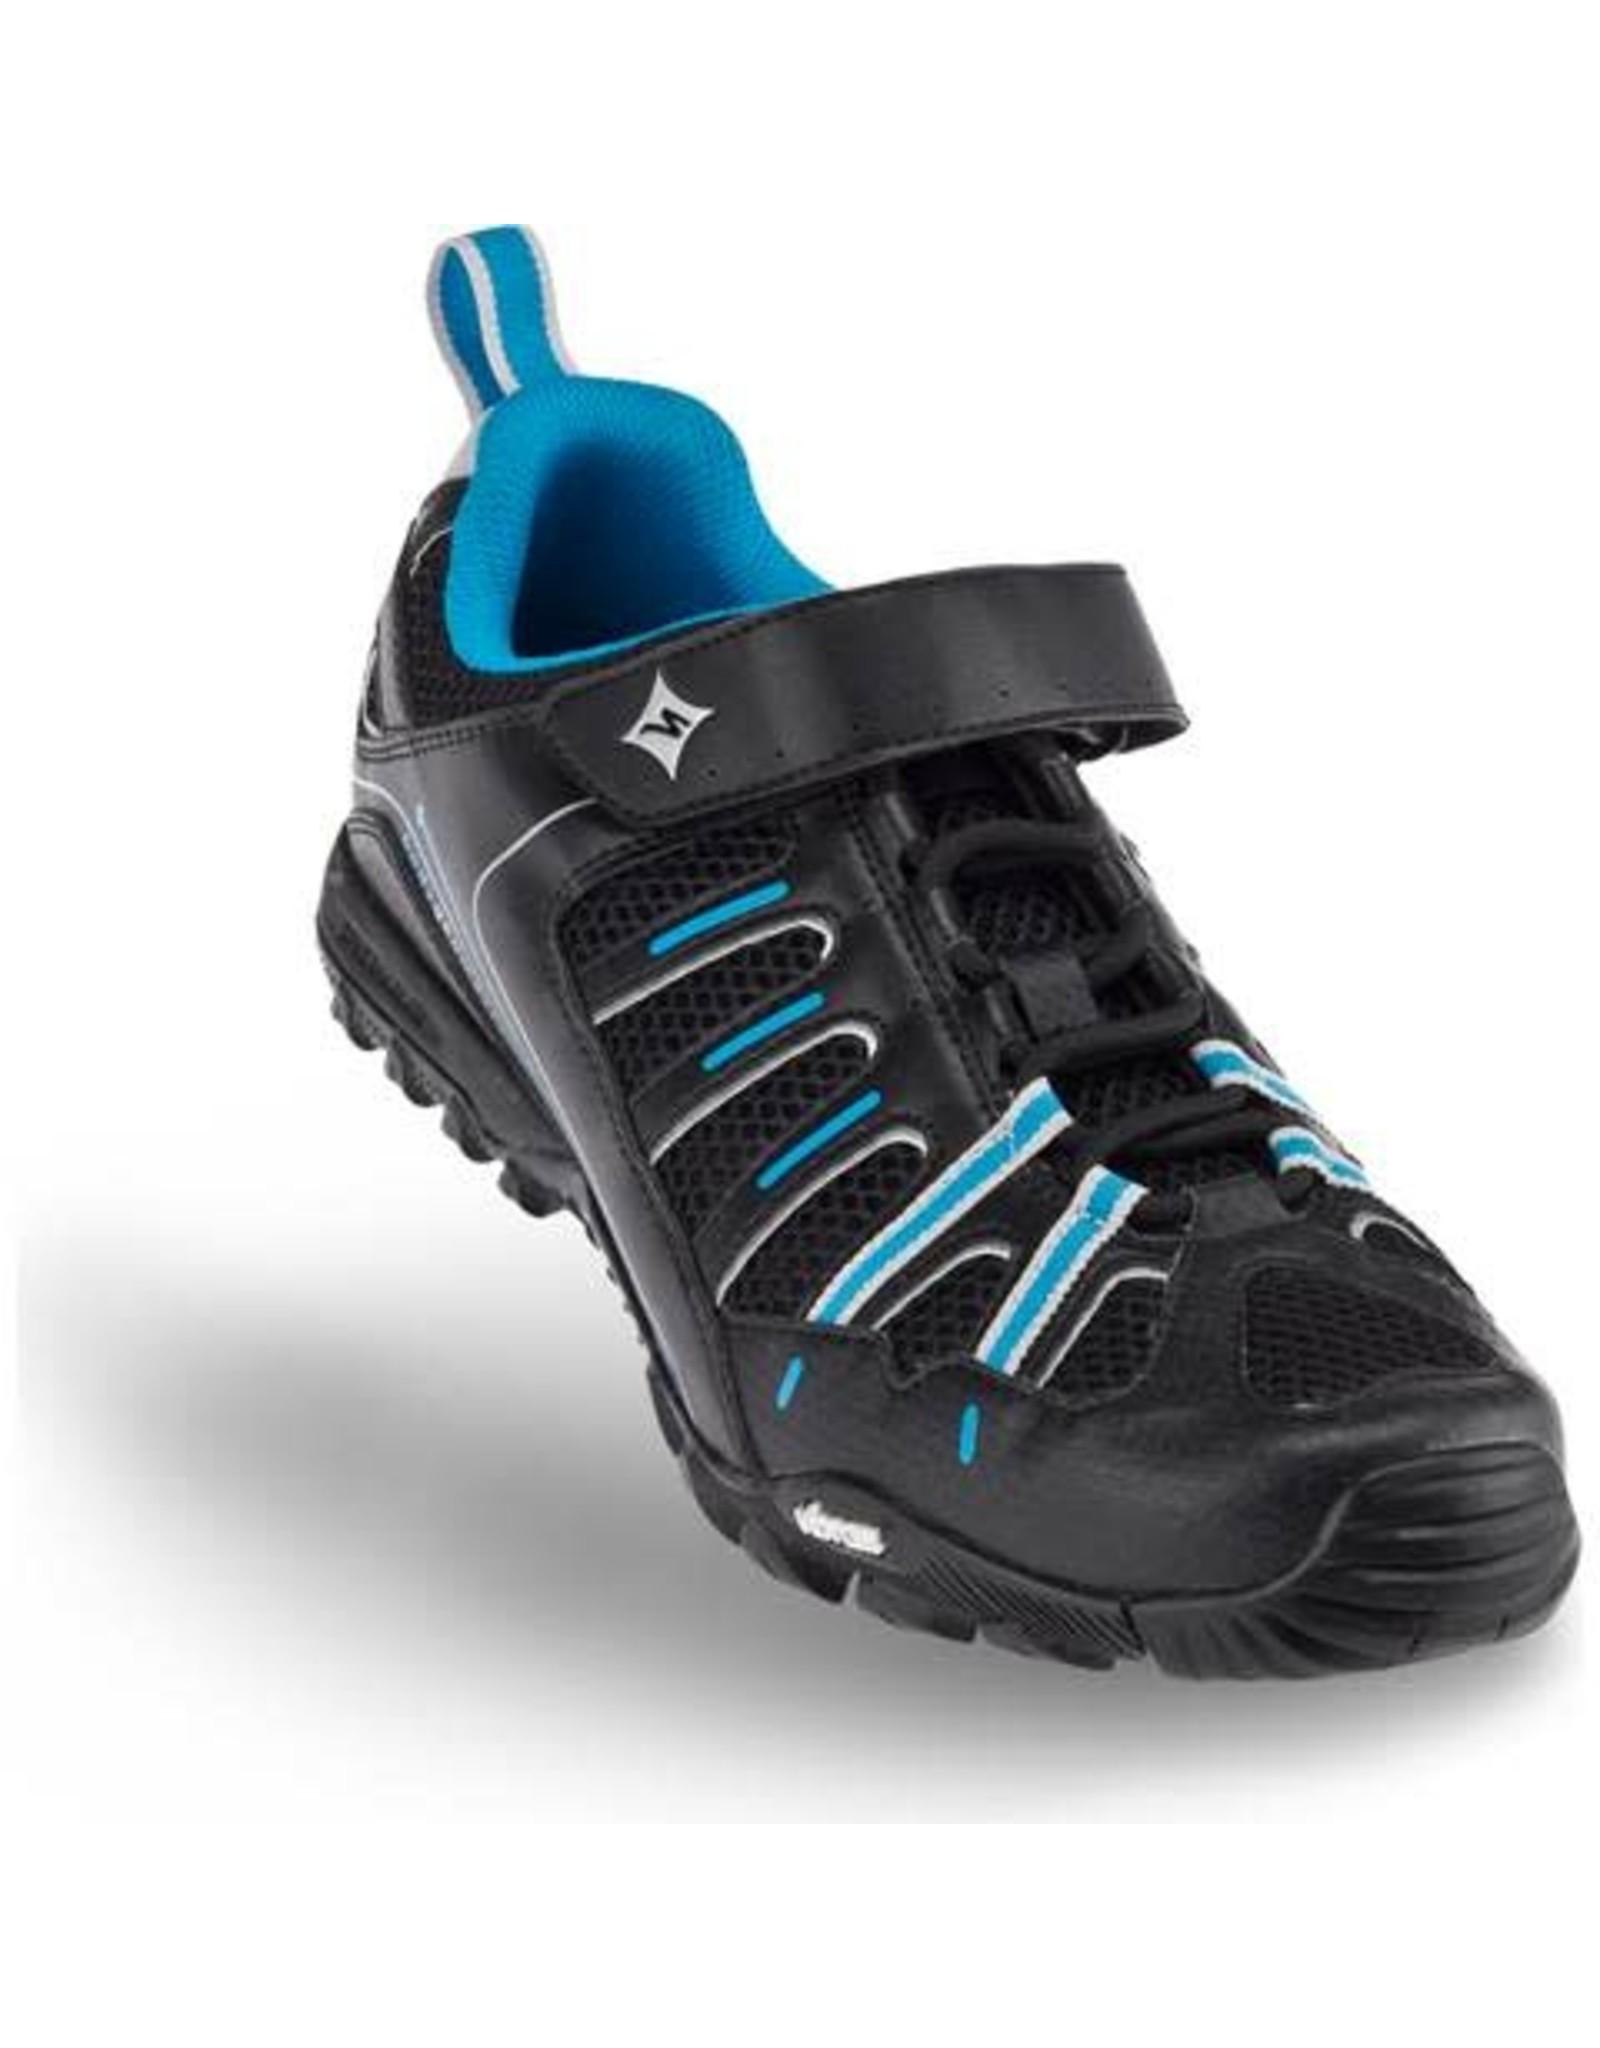 Specialized Shoe Spec Tahoe 41/8.5 Blue